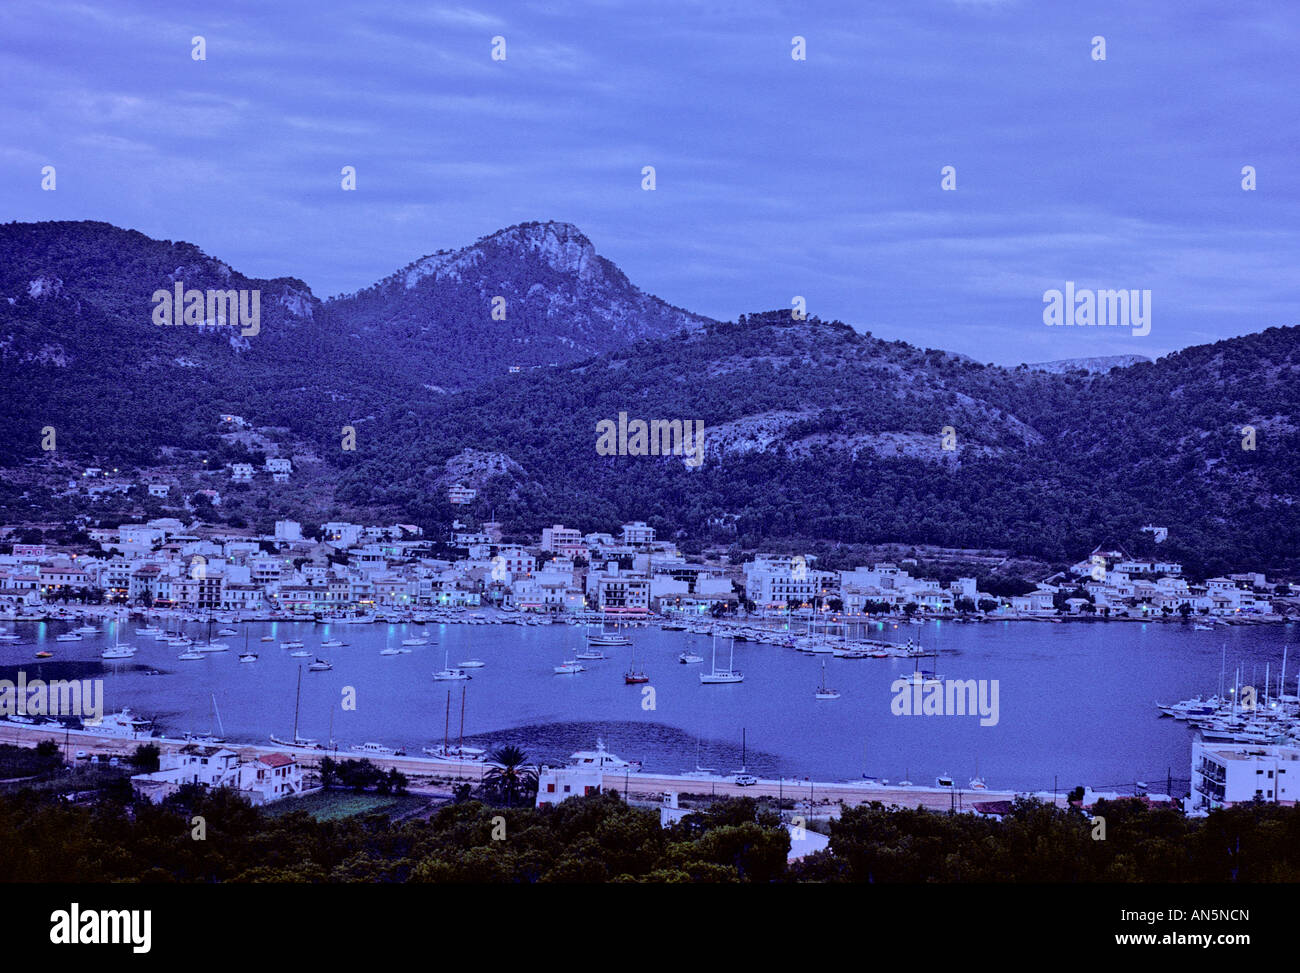 dusk-in-the-fishing-village-of-puerto-de